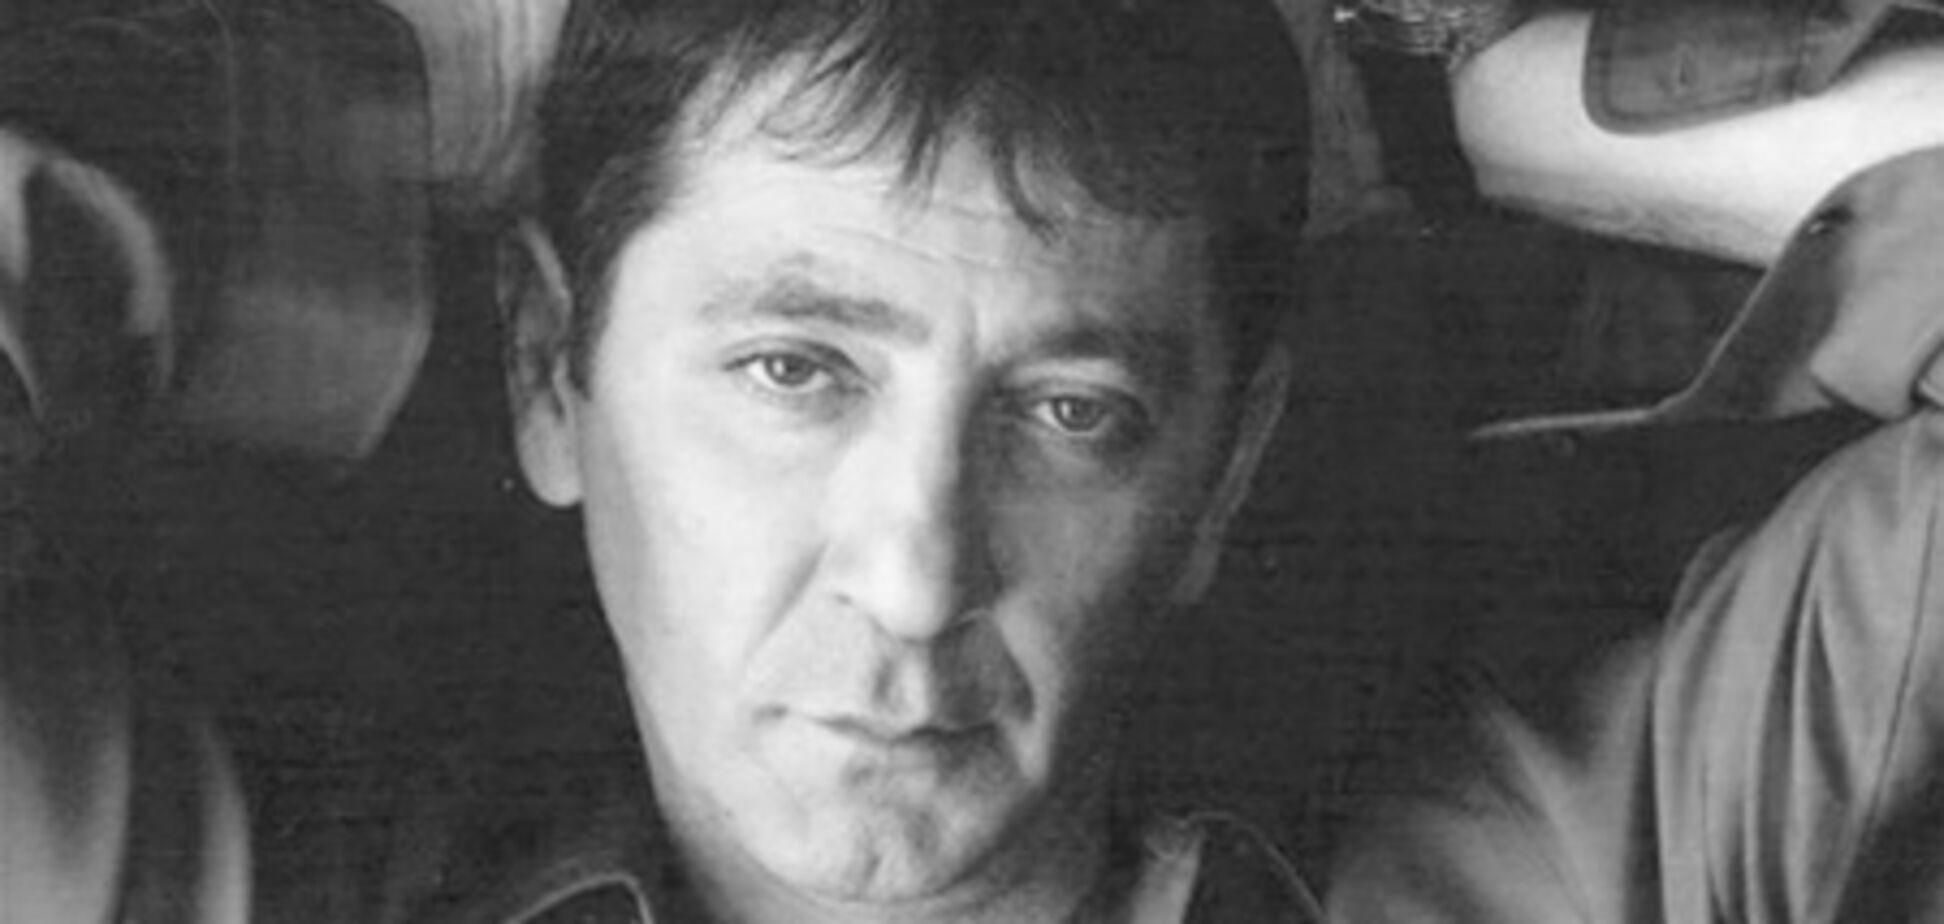 Милиция задержала Лепса после концерта в Киеве